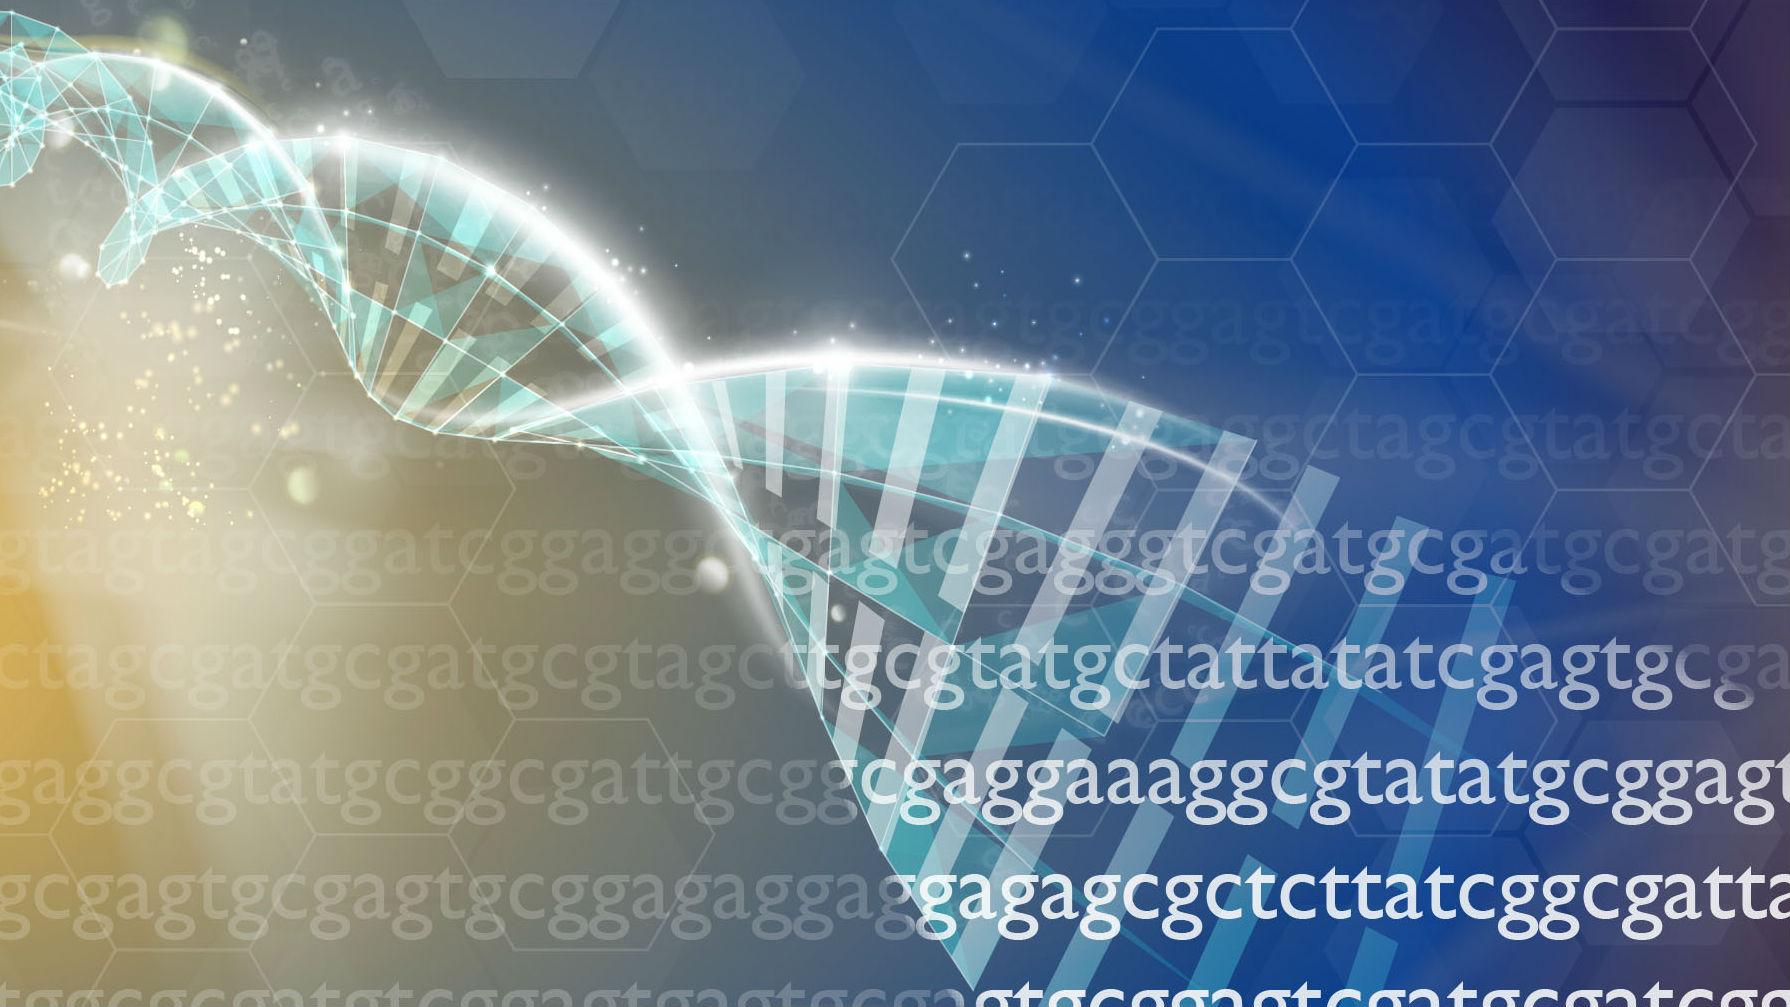 An illustration of RNA transcription